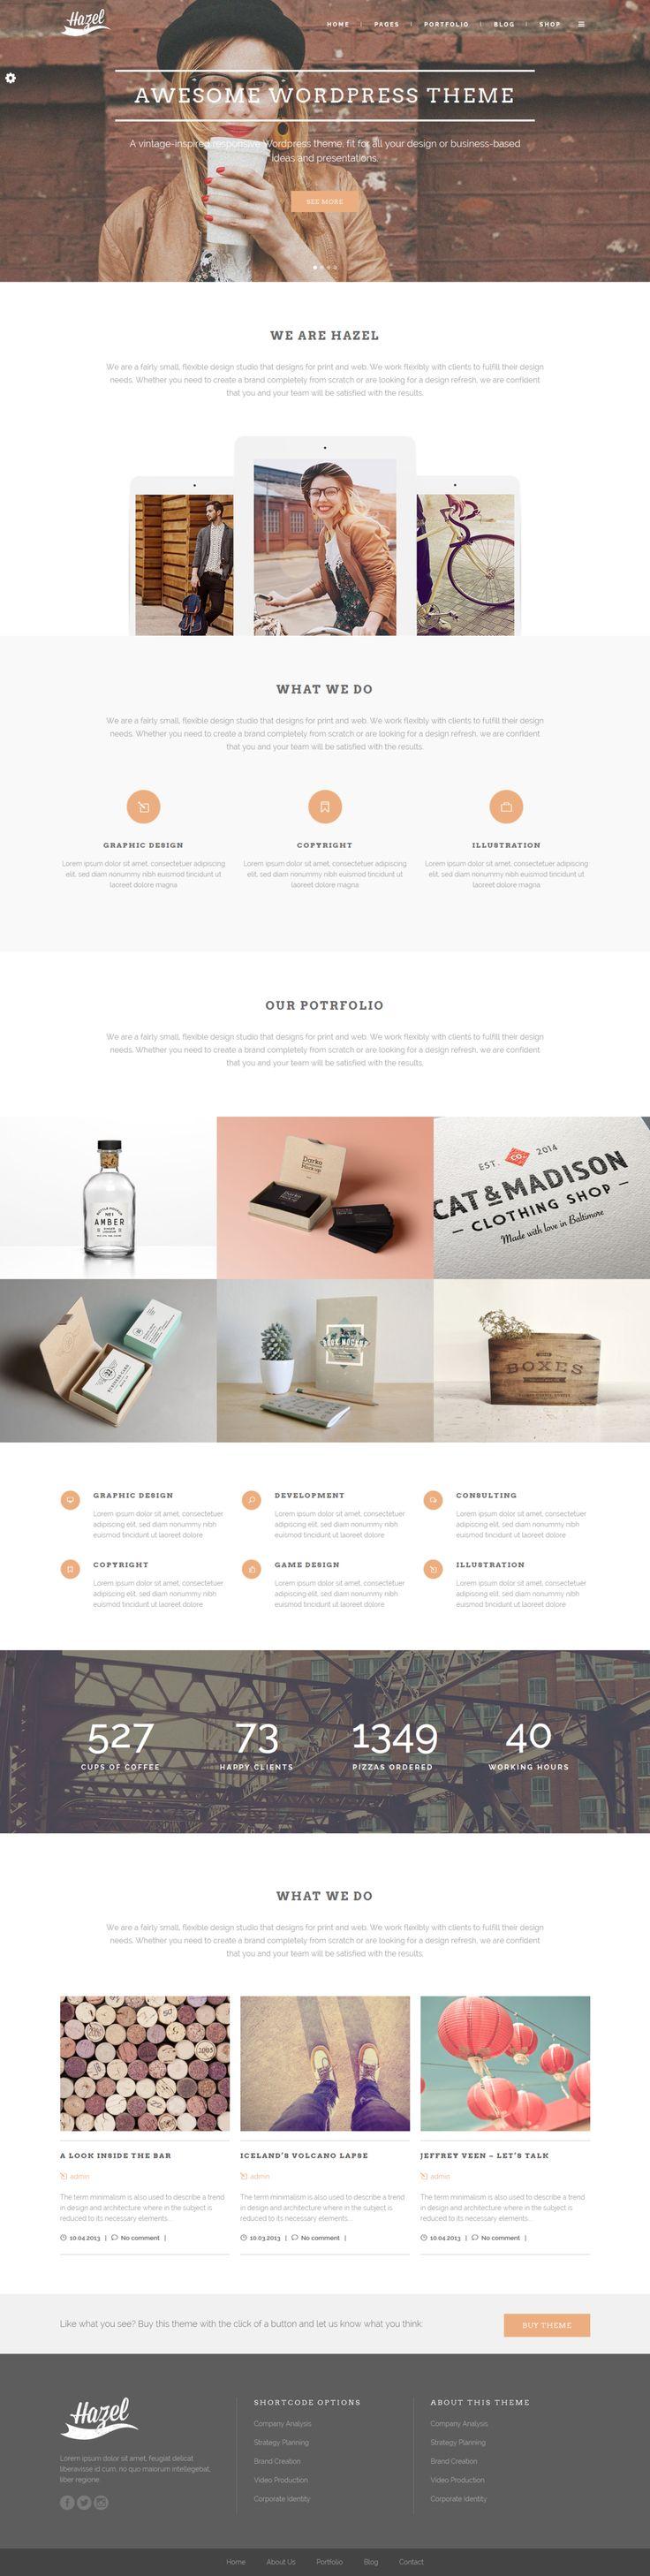 Hazel - Creative WordPress Theme by sandracz